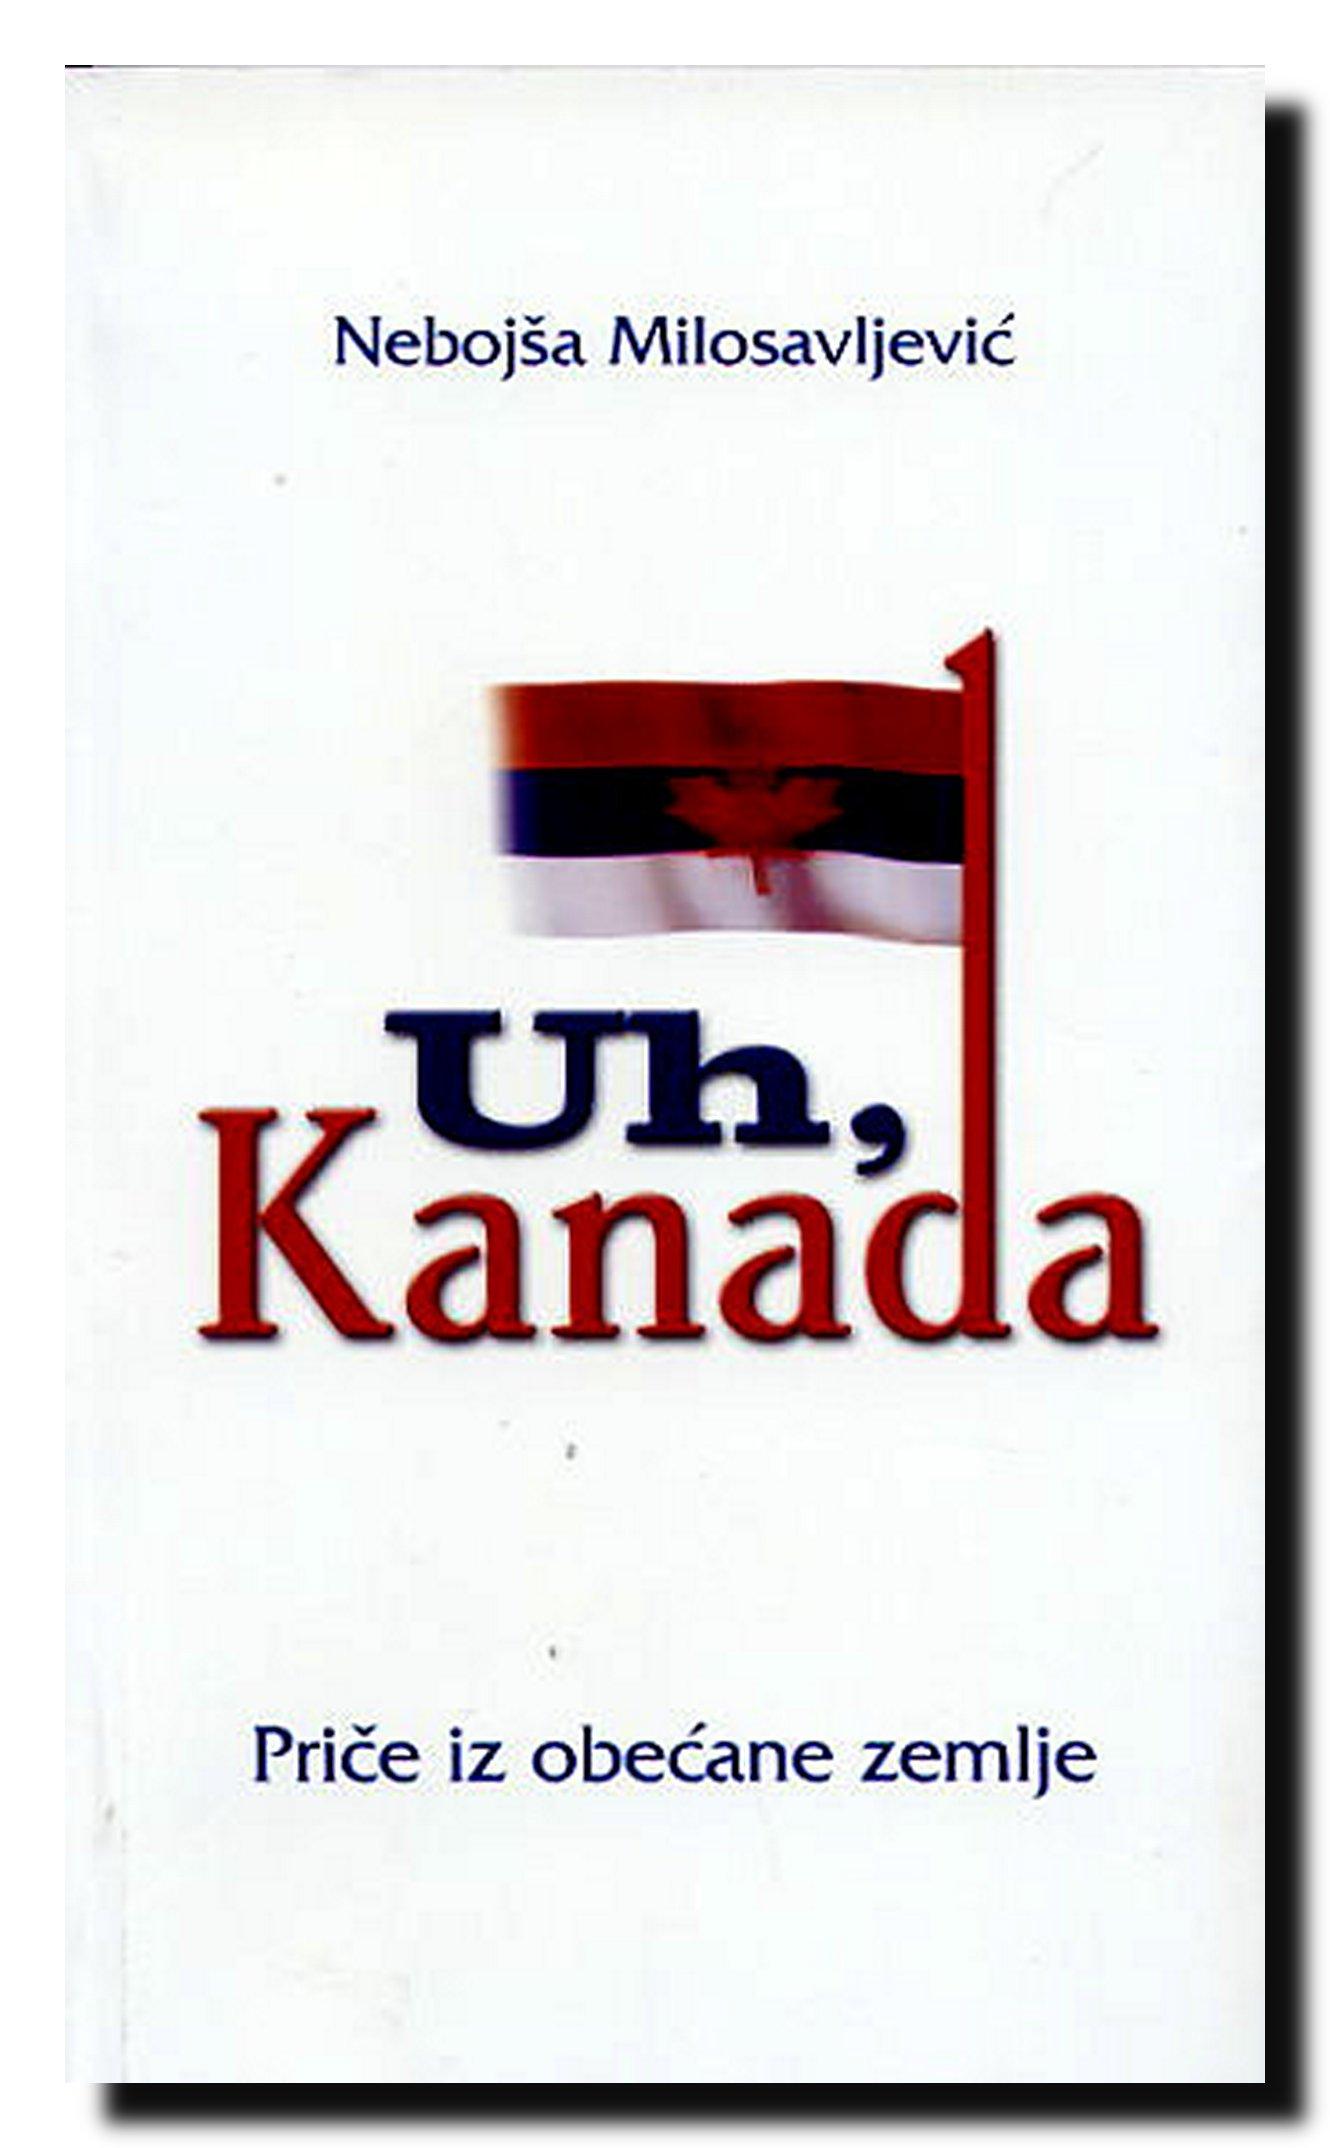 Nebojsa Milosavljevic Kanada uh Kanada Nebojsa